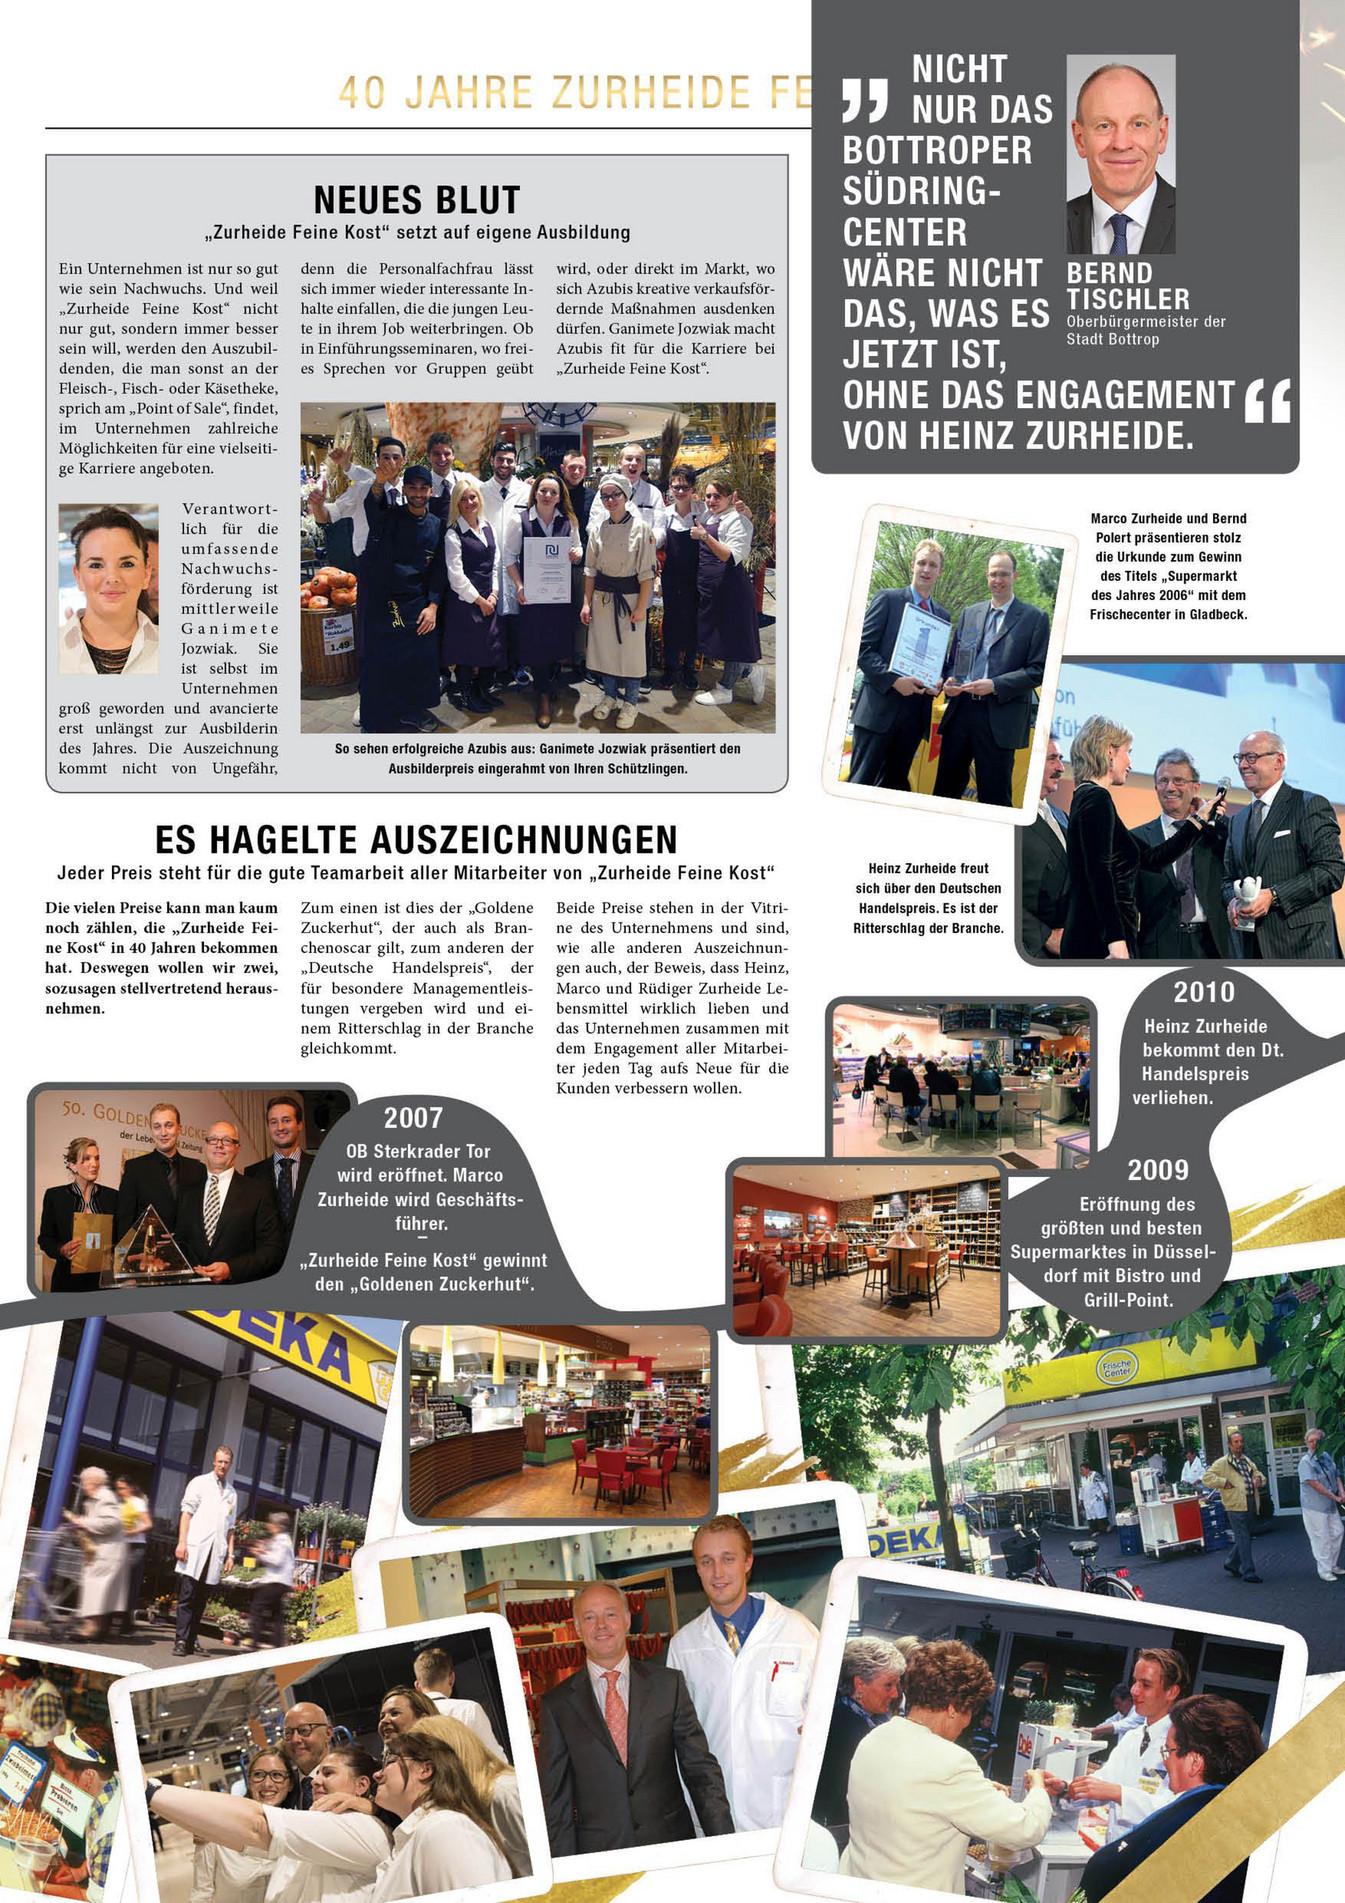 Alle Anderen 2009 none - 40 jahre zurheide feine kost - jubiläumszeitung